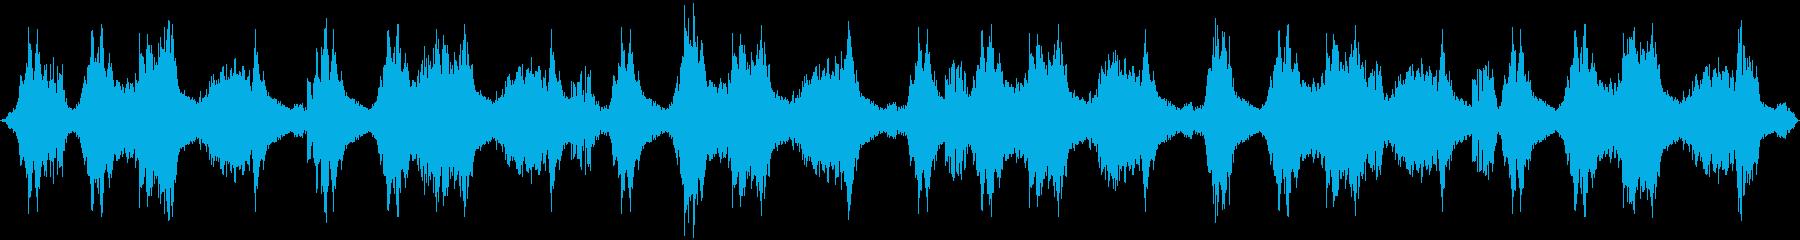 シリアス・緊迫・洞窟・環境音の再生済みの波形